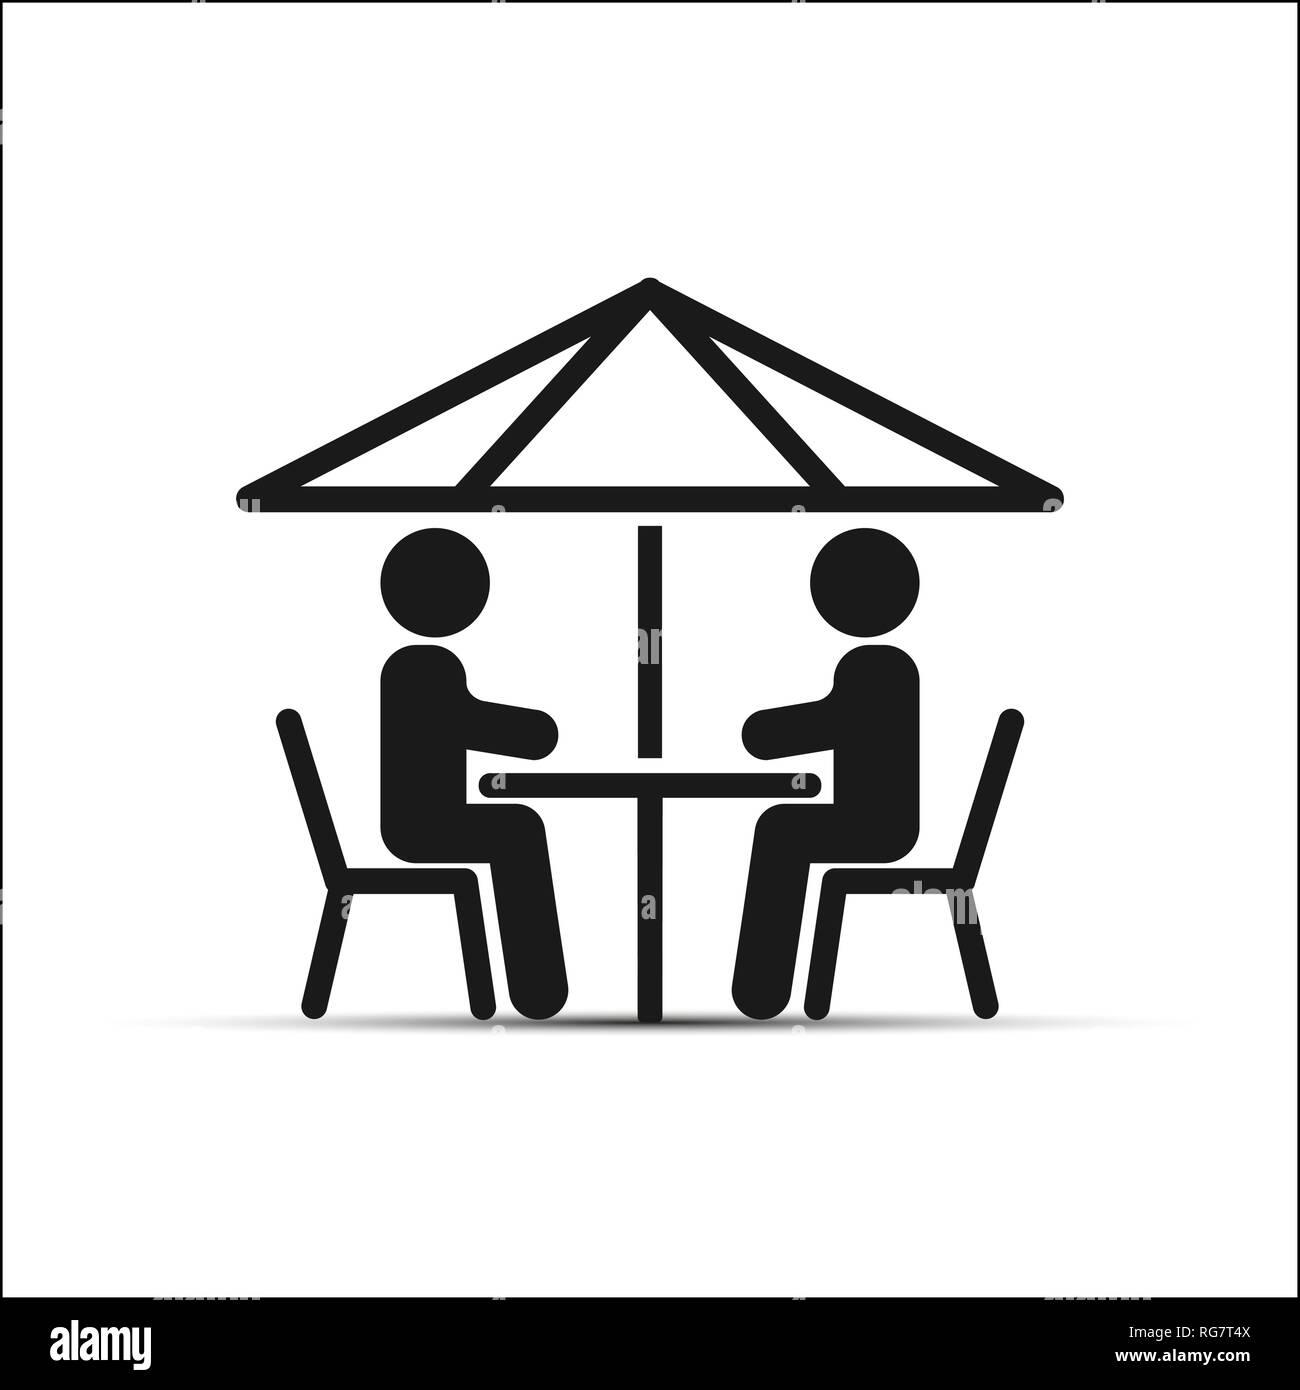 Dessin Simple Deux Personnes Assises A Une Table Sous Un Parapluie Image Vectorielle Stock Alamy